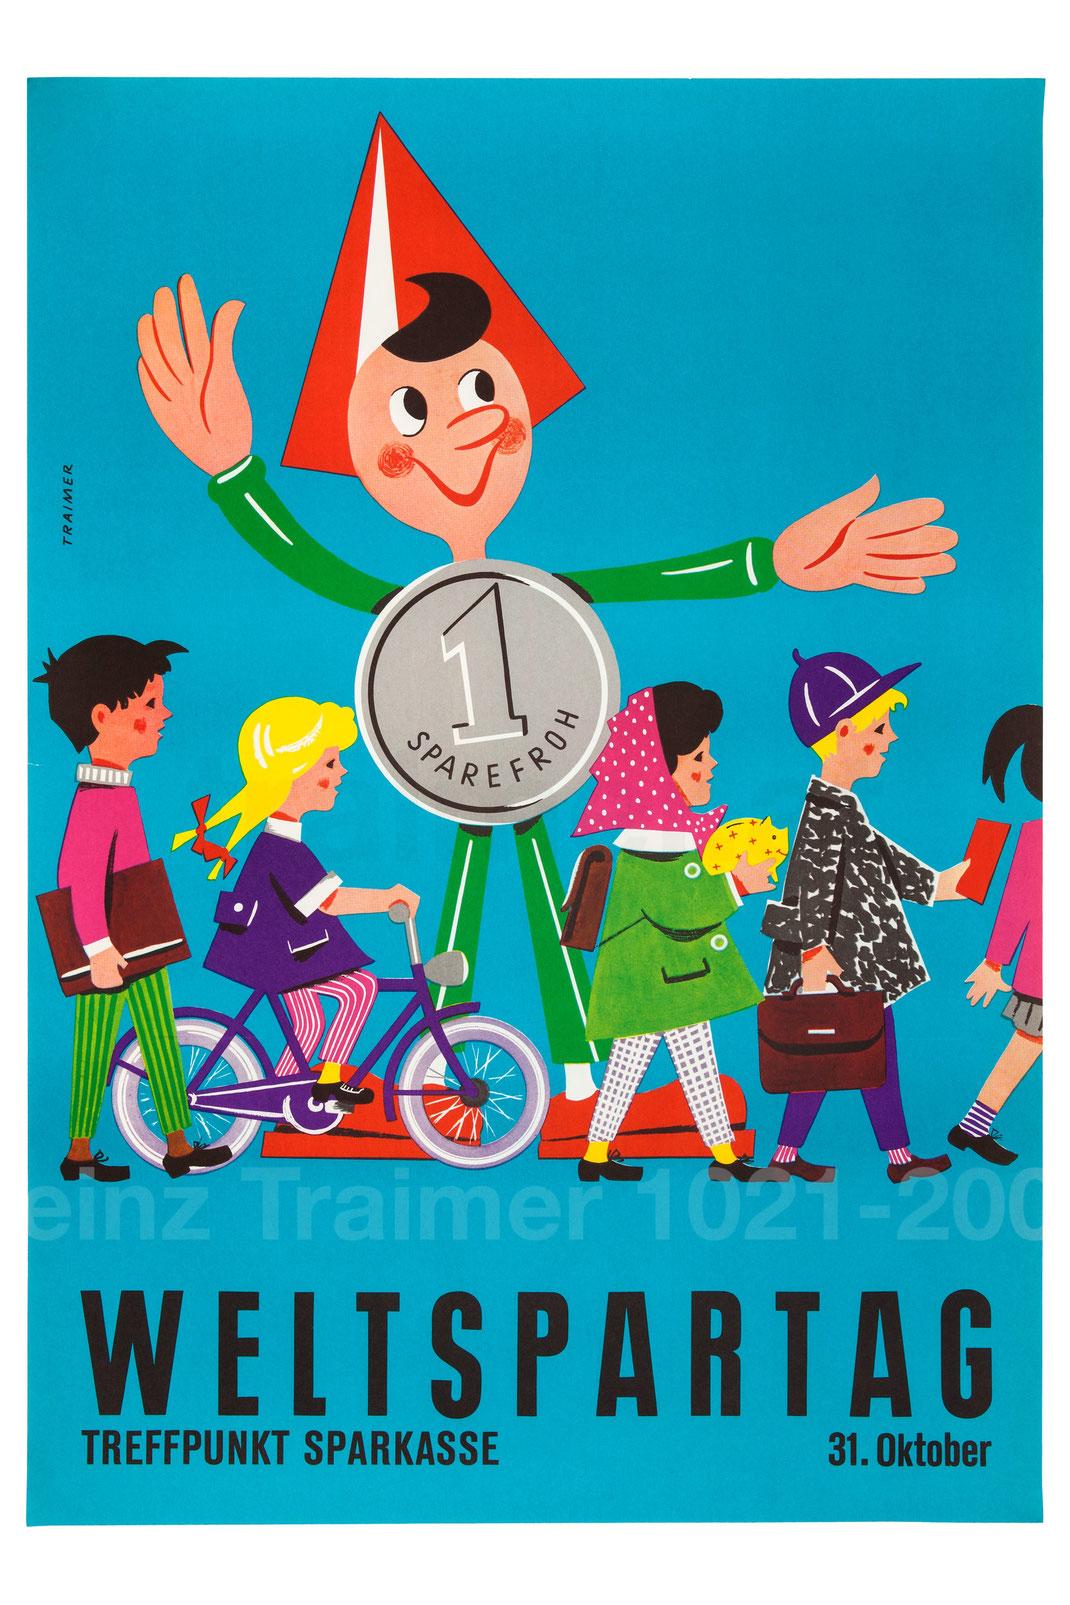 Weltspartag Sparkasse Sparefroh . Sparefroh Plakat Poster 1960er